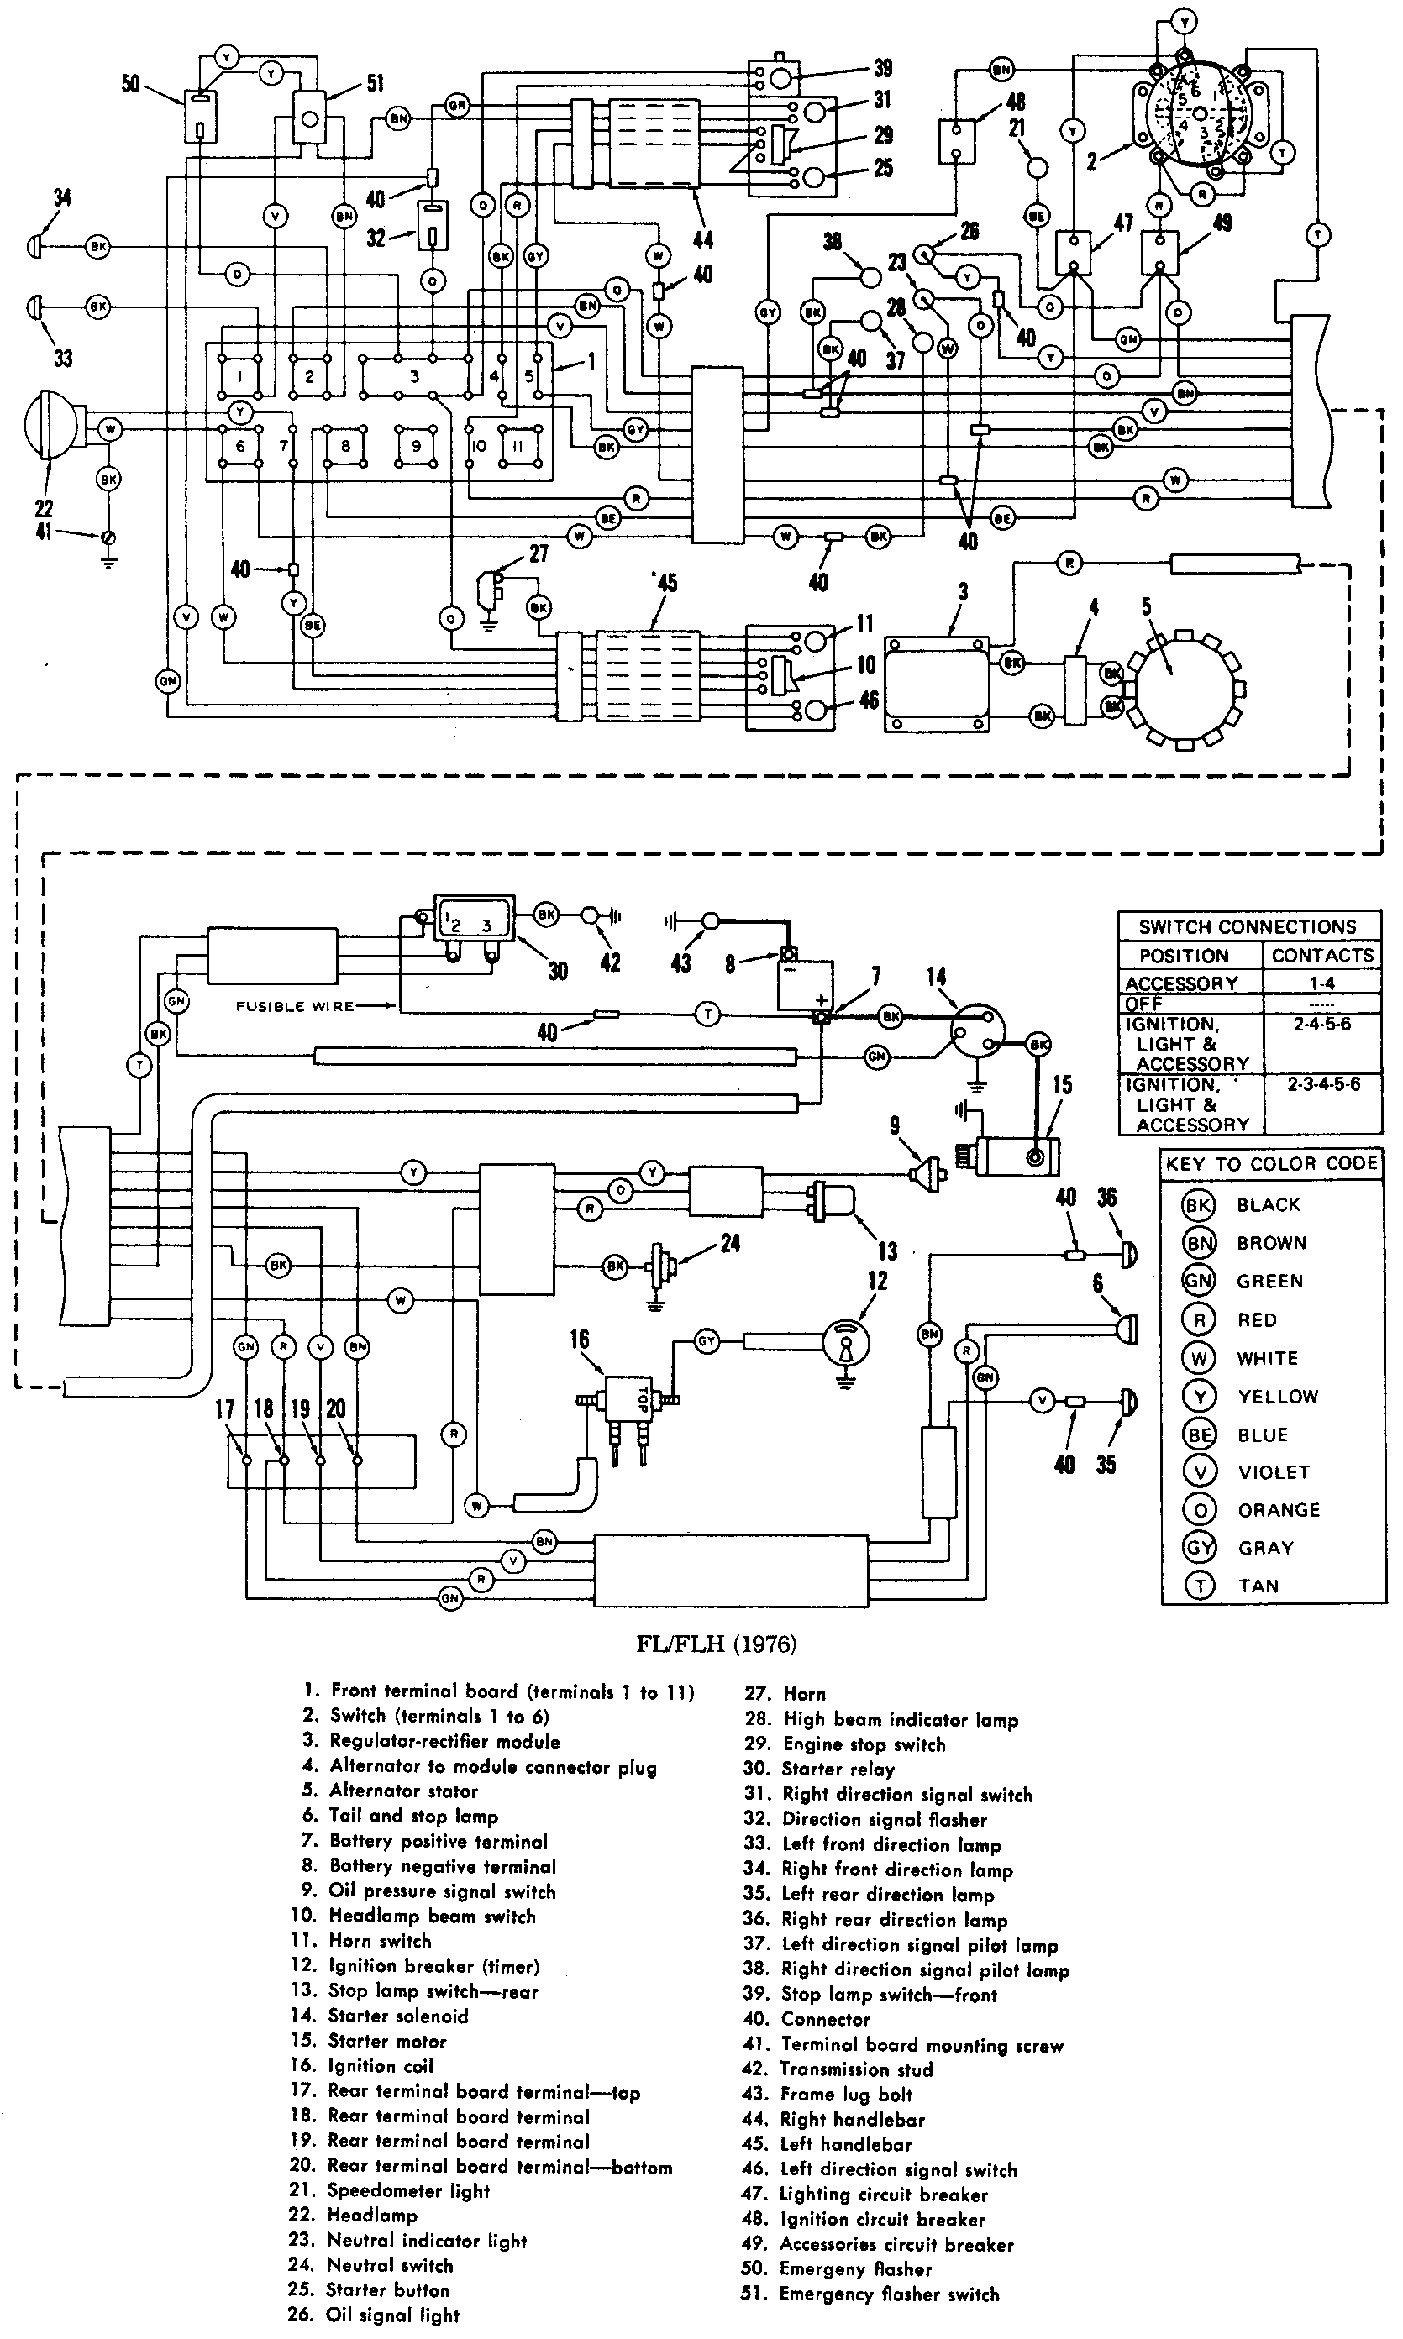 Flh Wiring Diagram | Wiring Diagram - Harley Davidson Radio Wiring Diagram